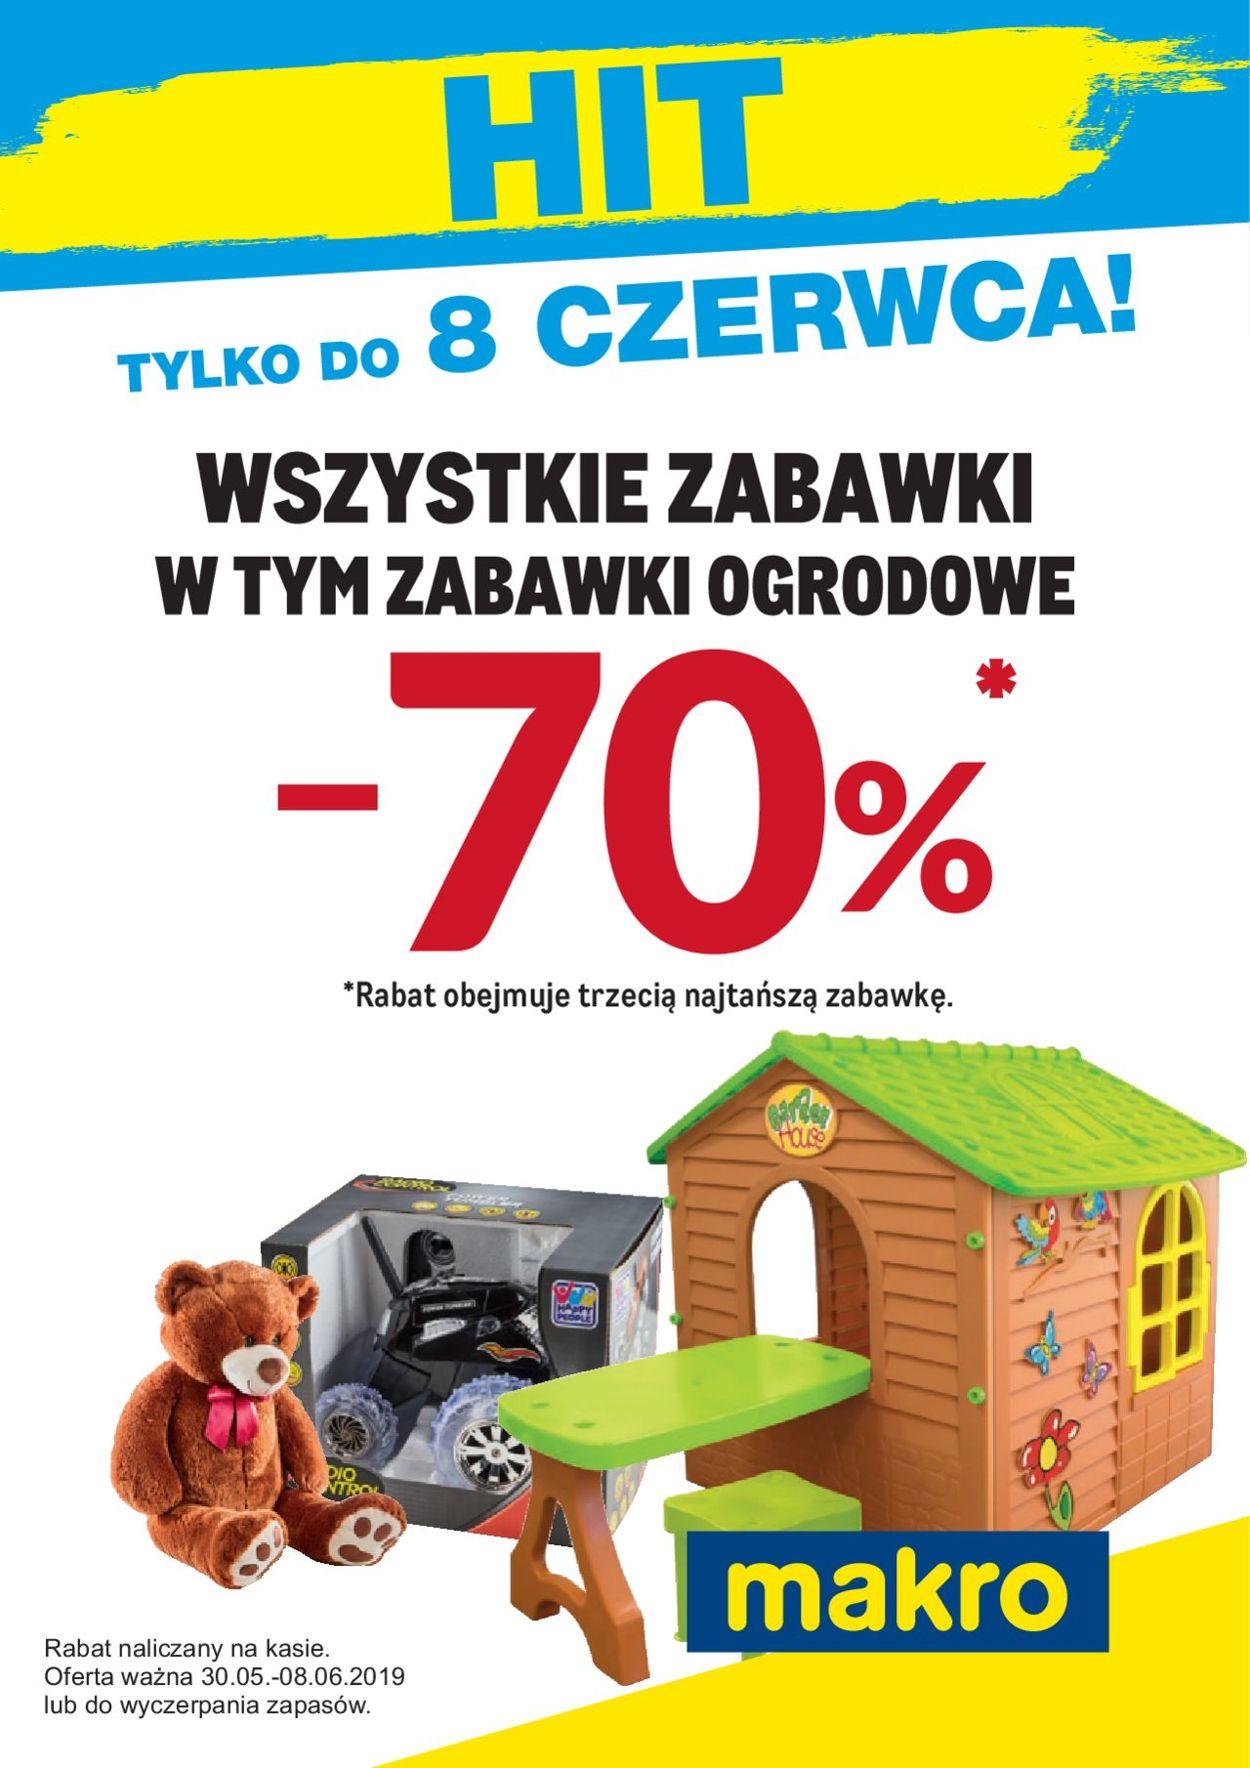 Gazetka promocyjna Makro - 30.05-08.06.2019